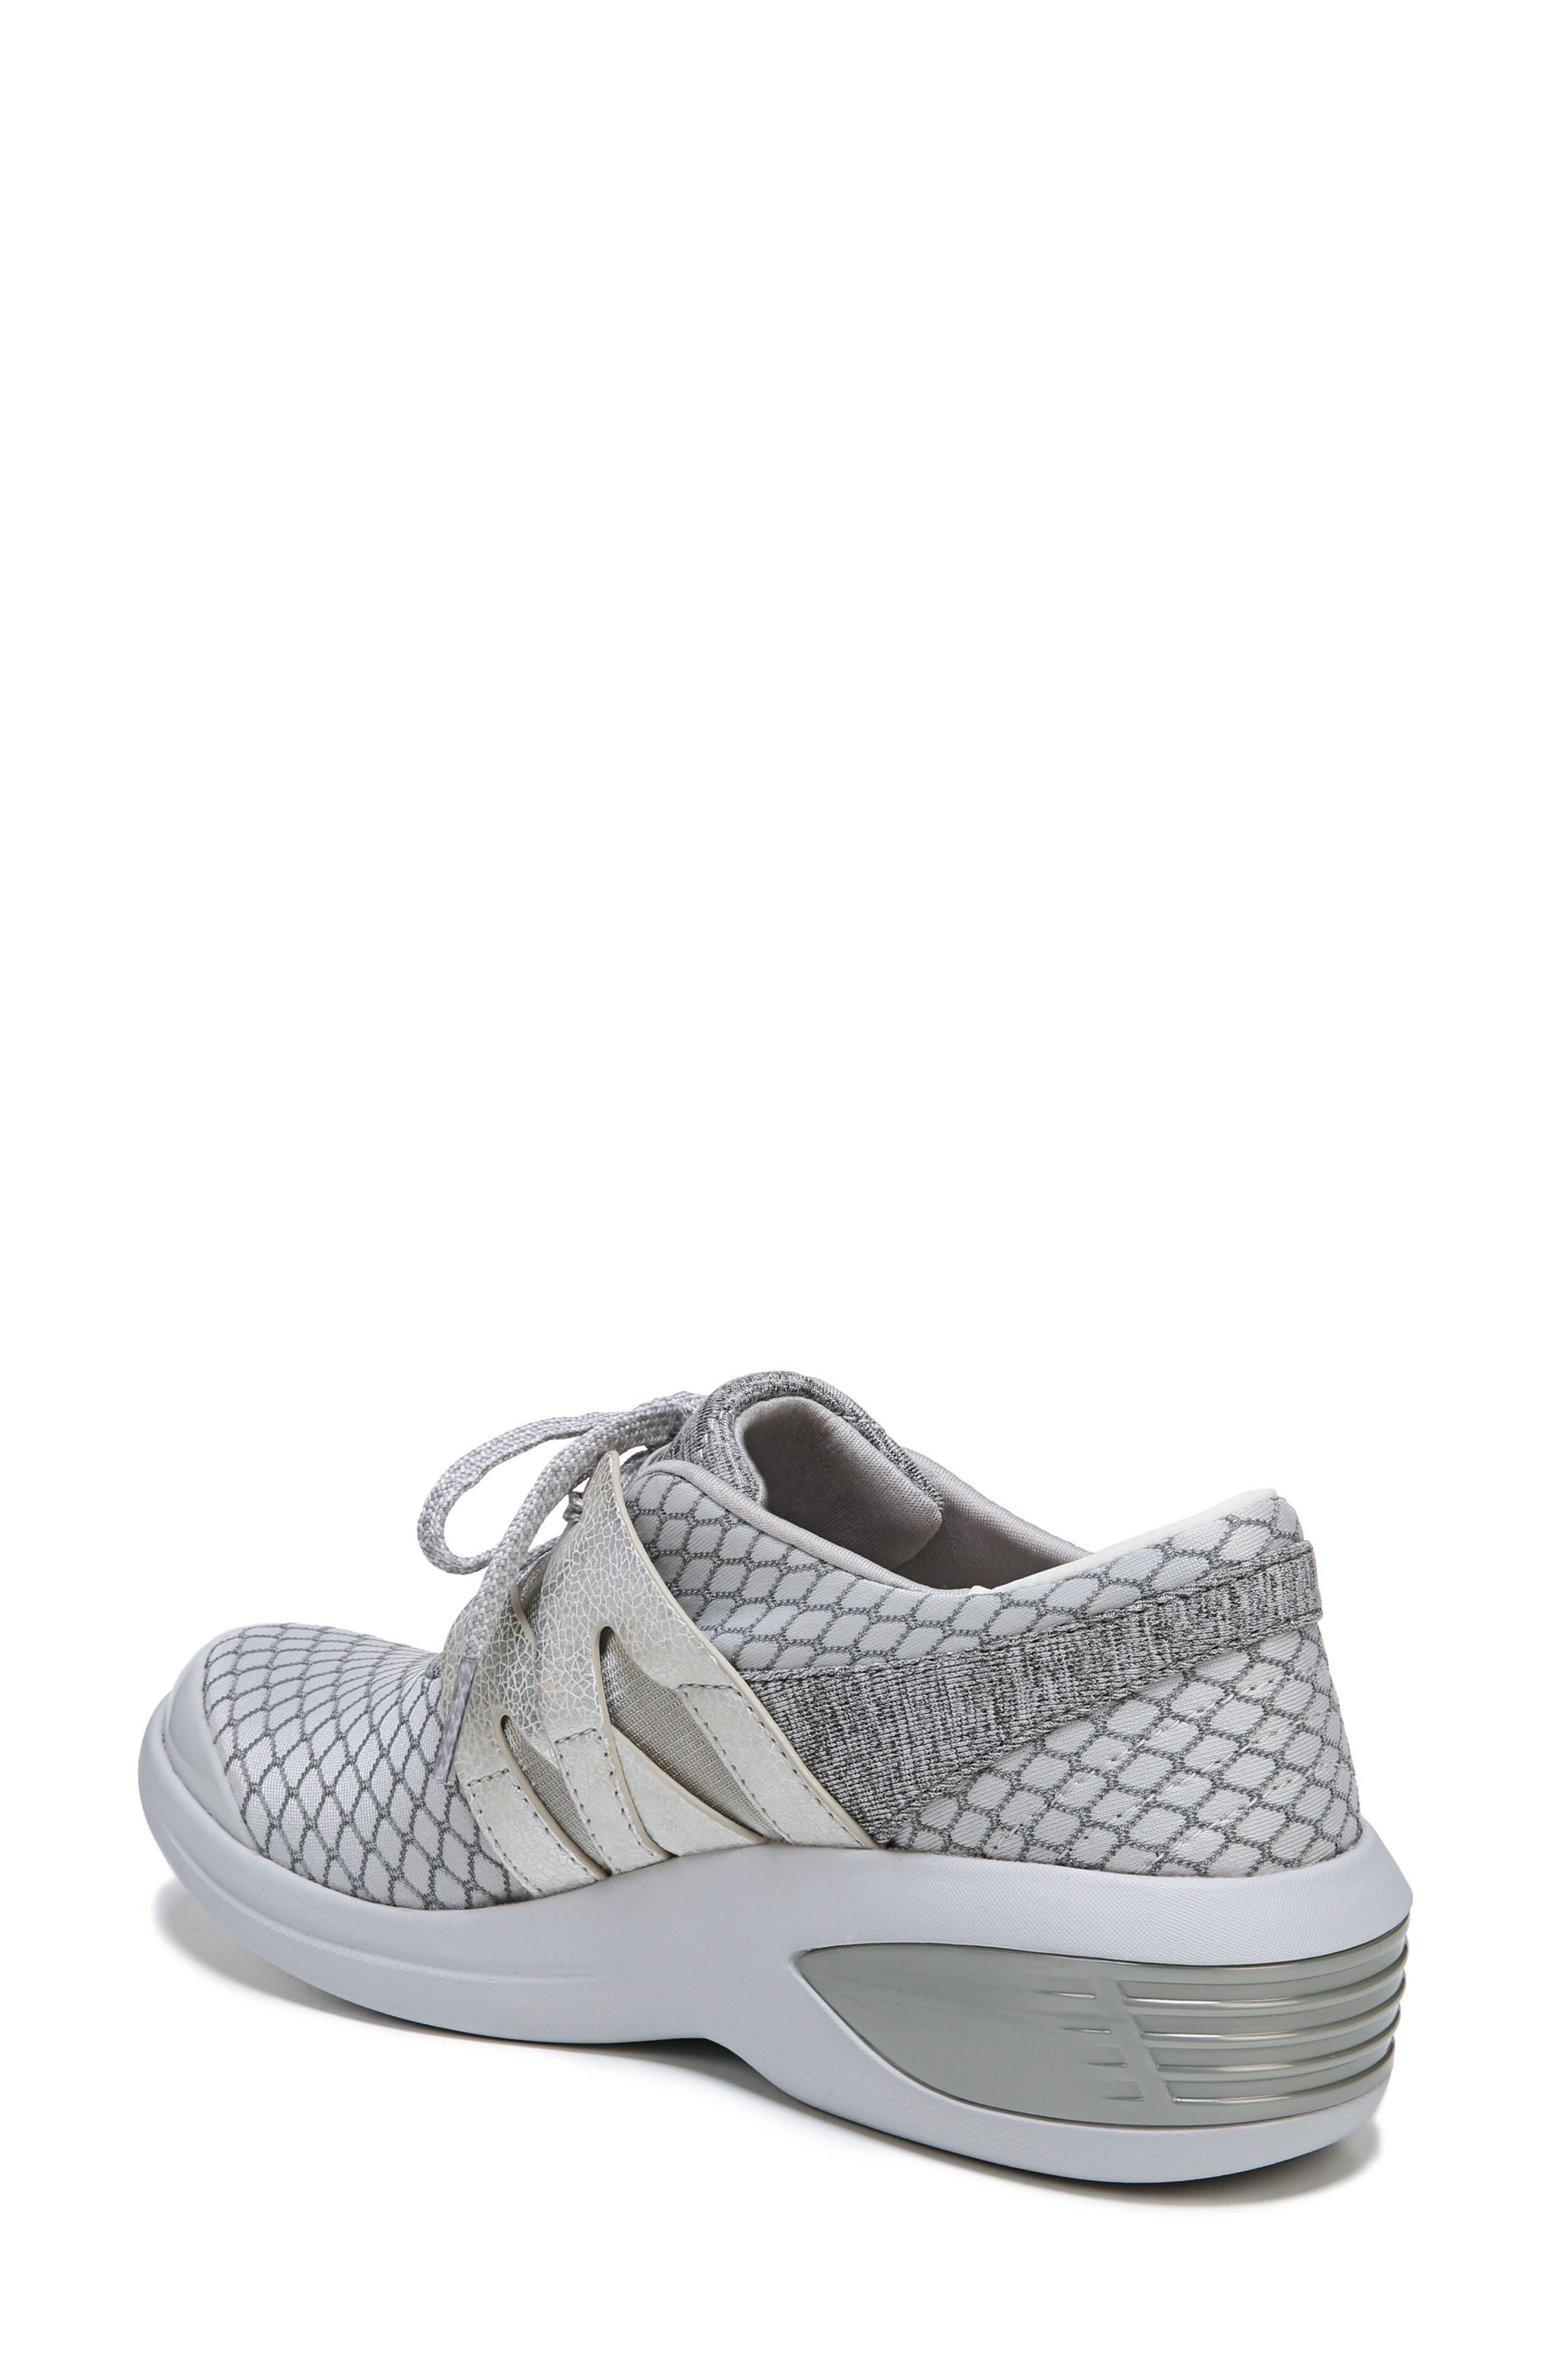 Flicker Sneaker,                             Alternate thumbnail 2, color,                             020